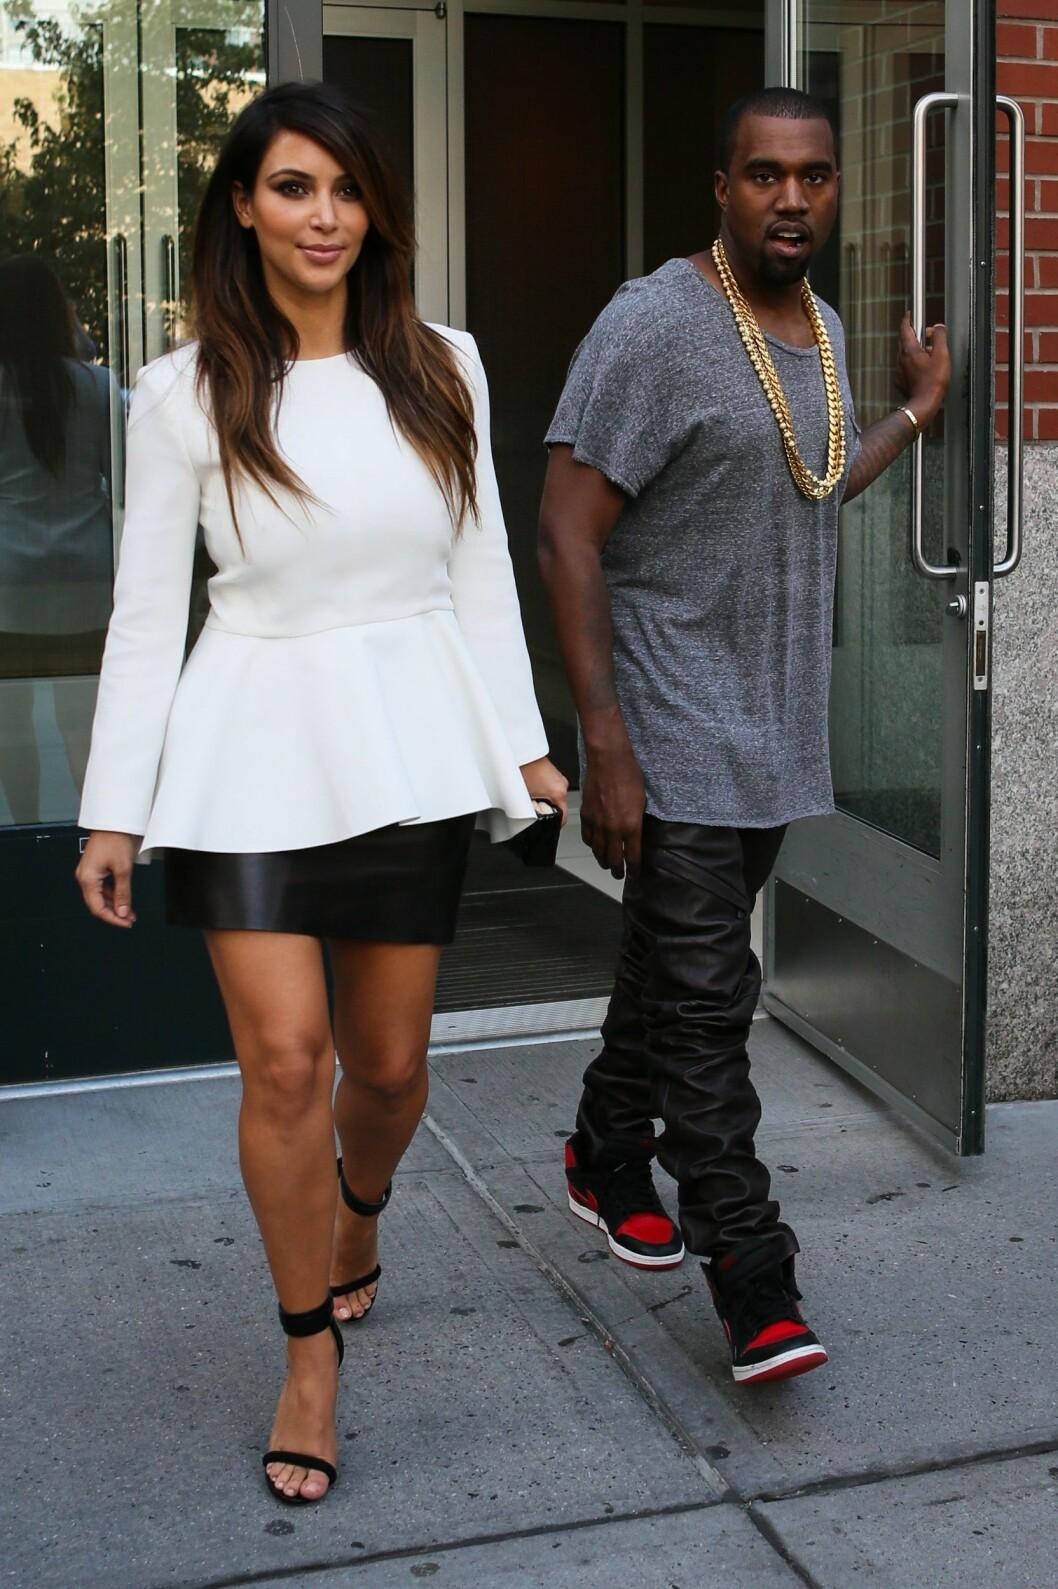 PÅ KINO: Kim Kardashian og Kanye West på vei til å se skrekkfilm på kino i 2012. Foto: Abaca usa